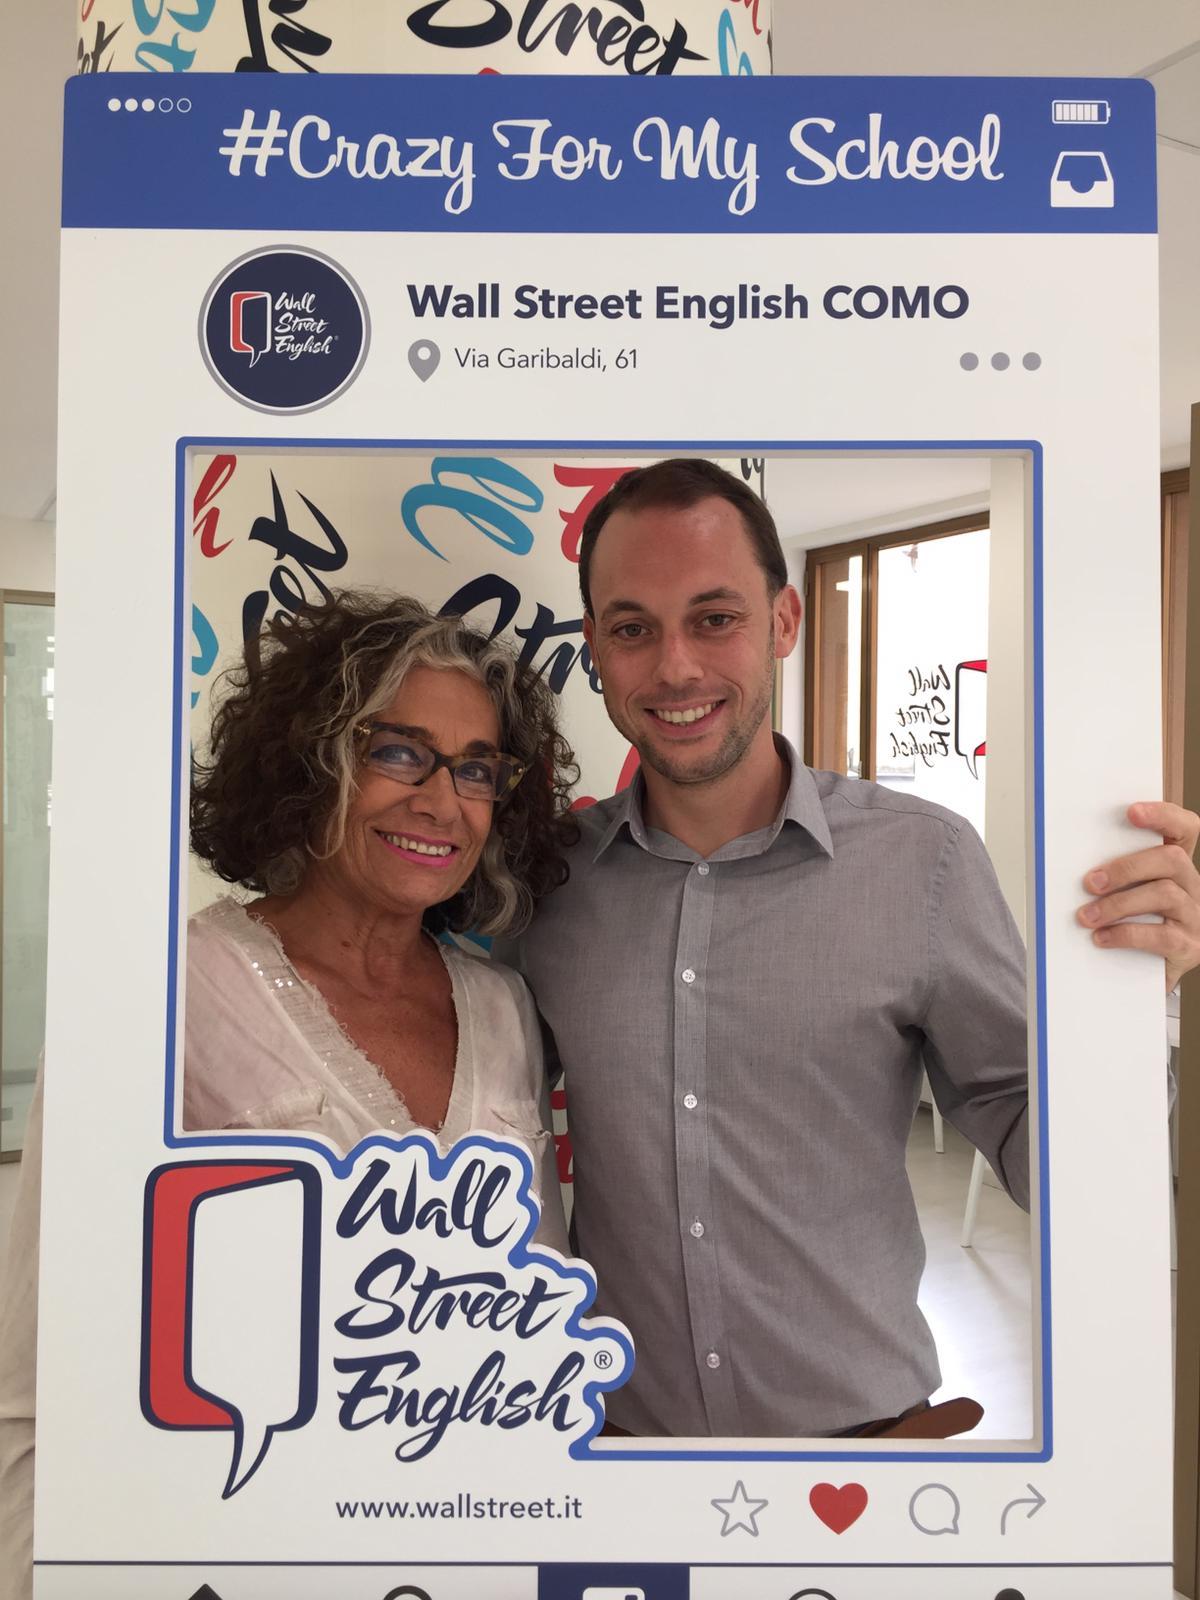 elena ferrini esprime la sua opinione su wall street english como